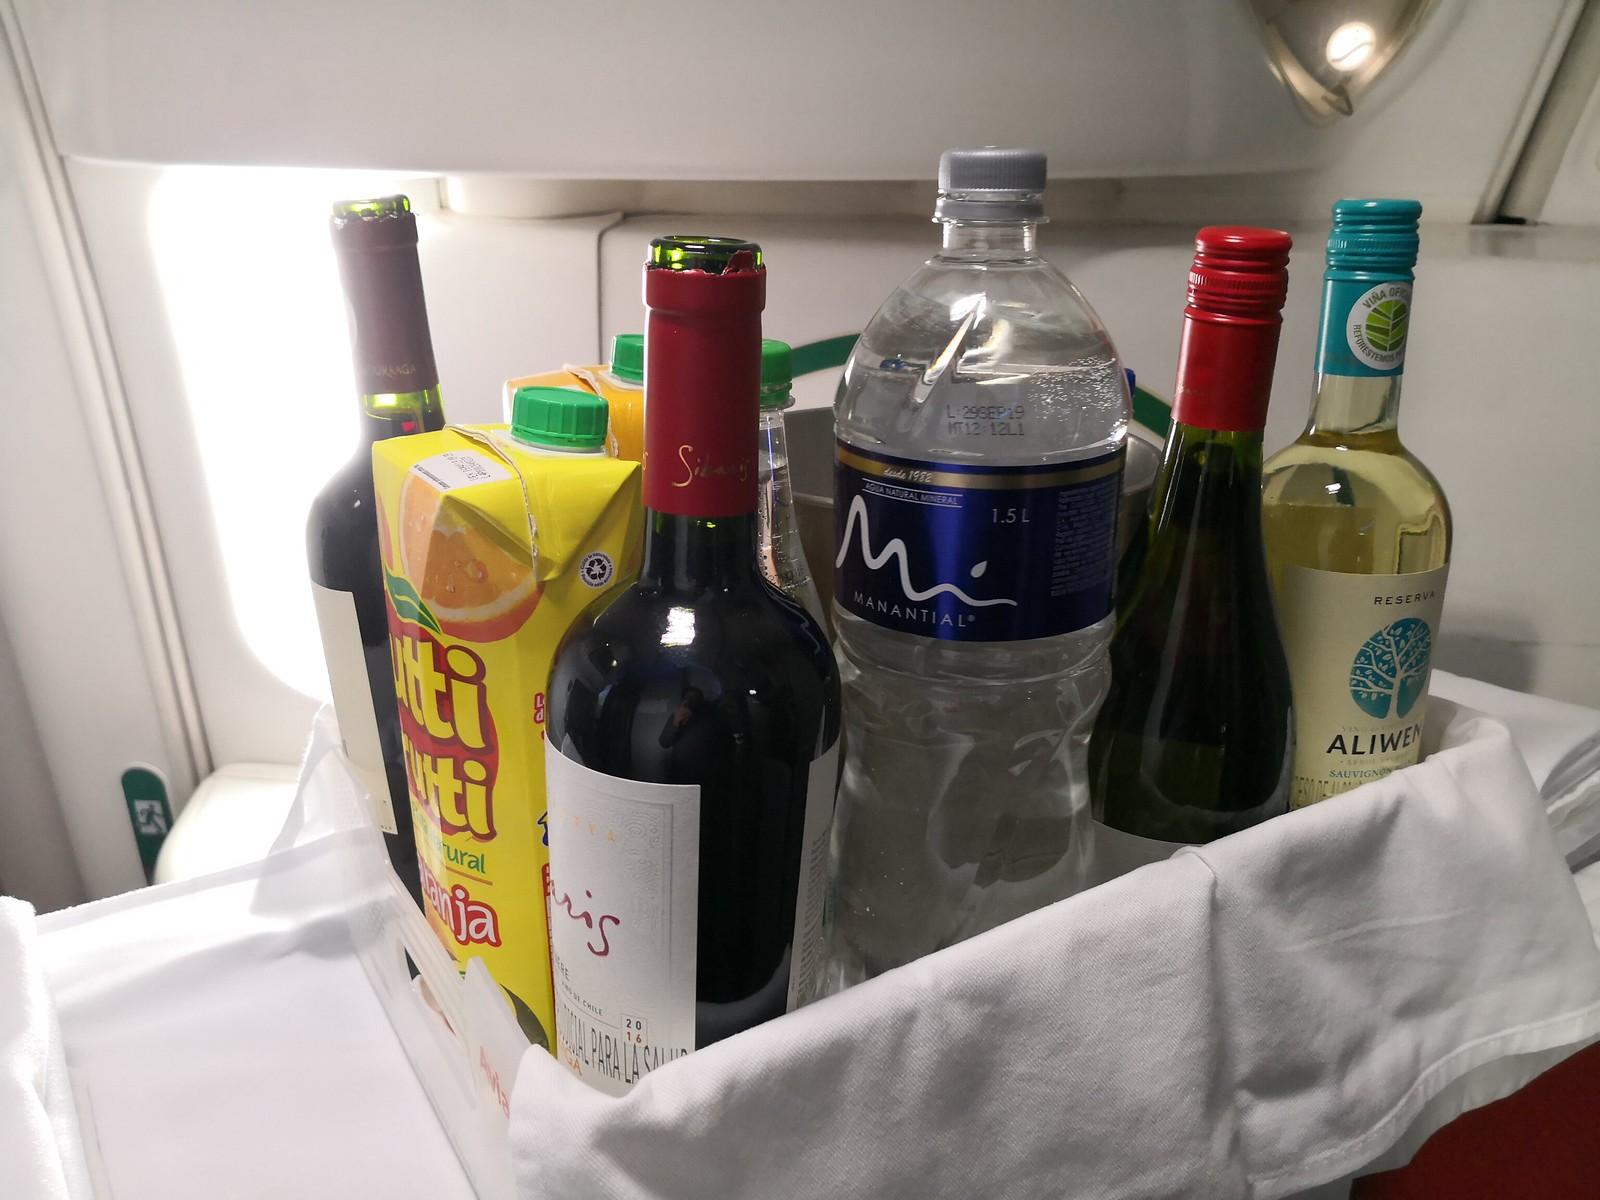 Onboard beverages